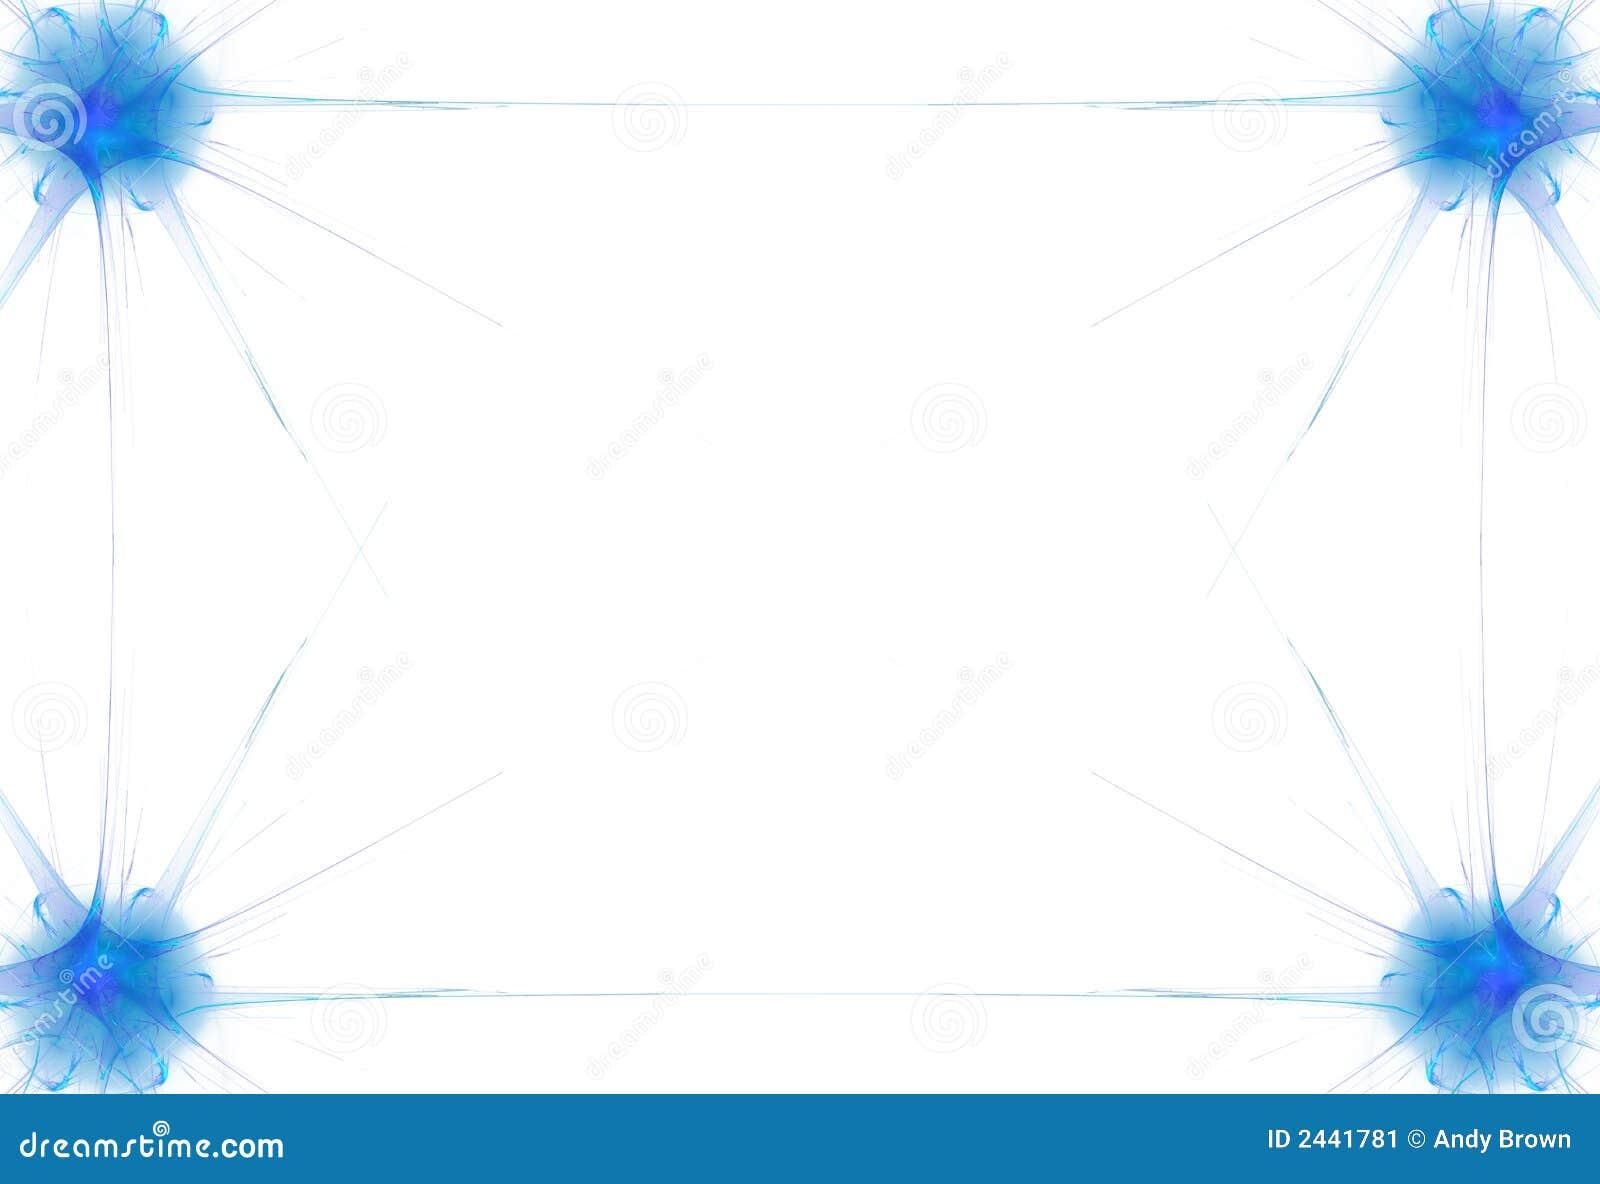 Blue Flame Border stock illustration. Image of fractal ...